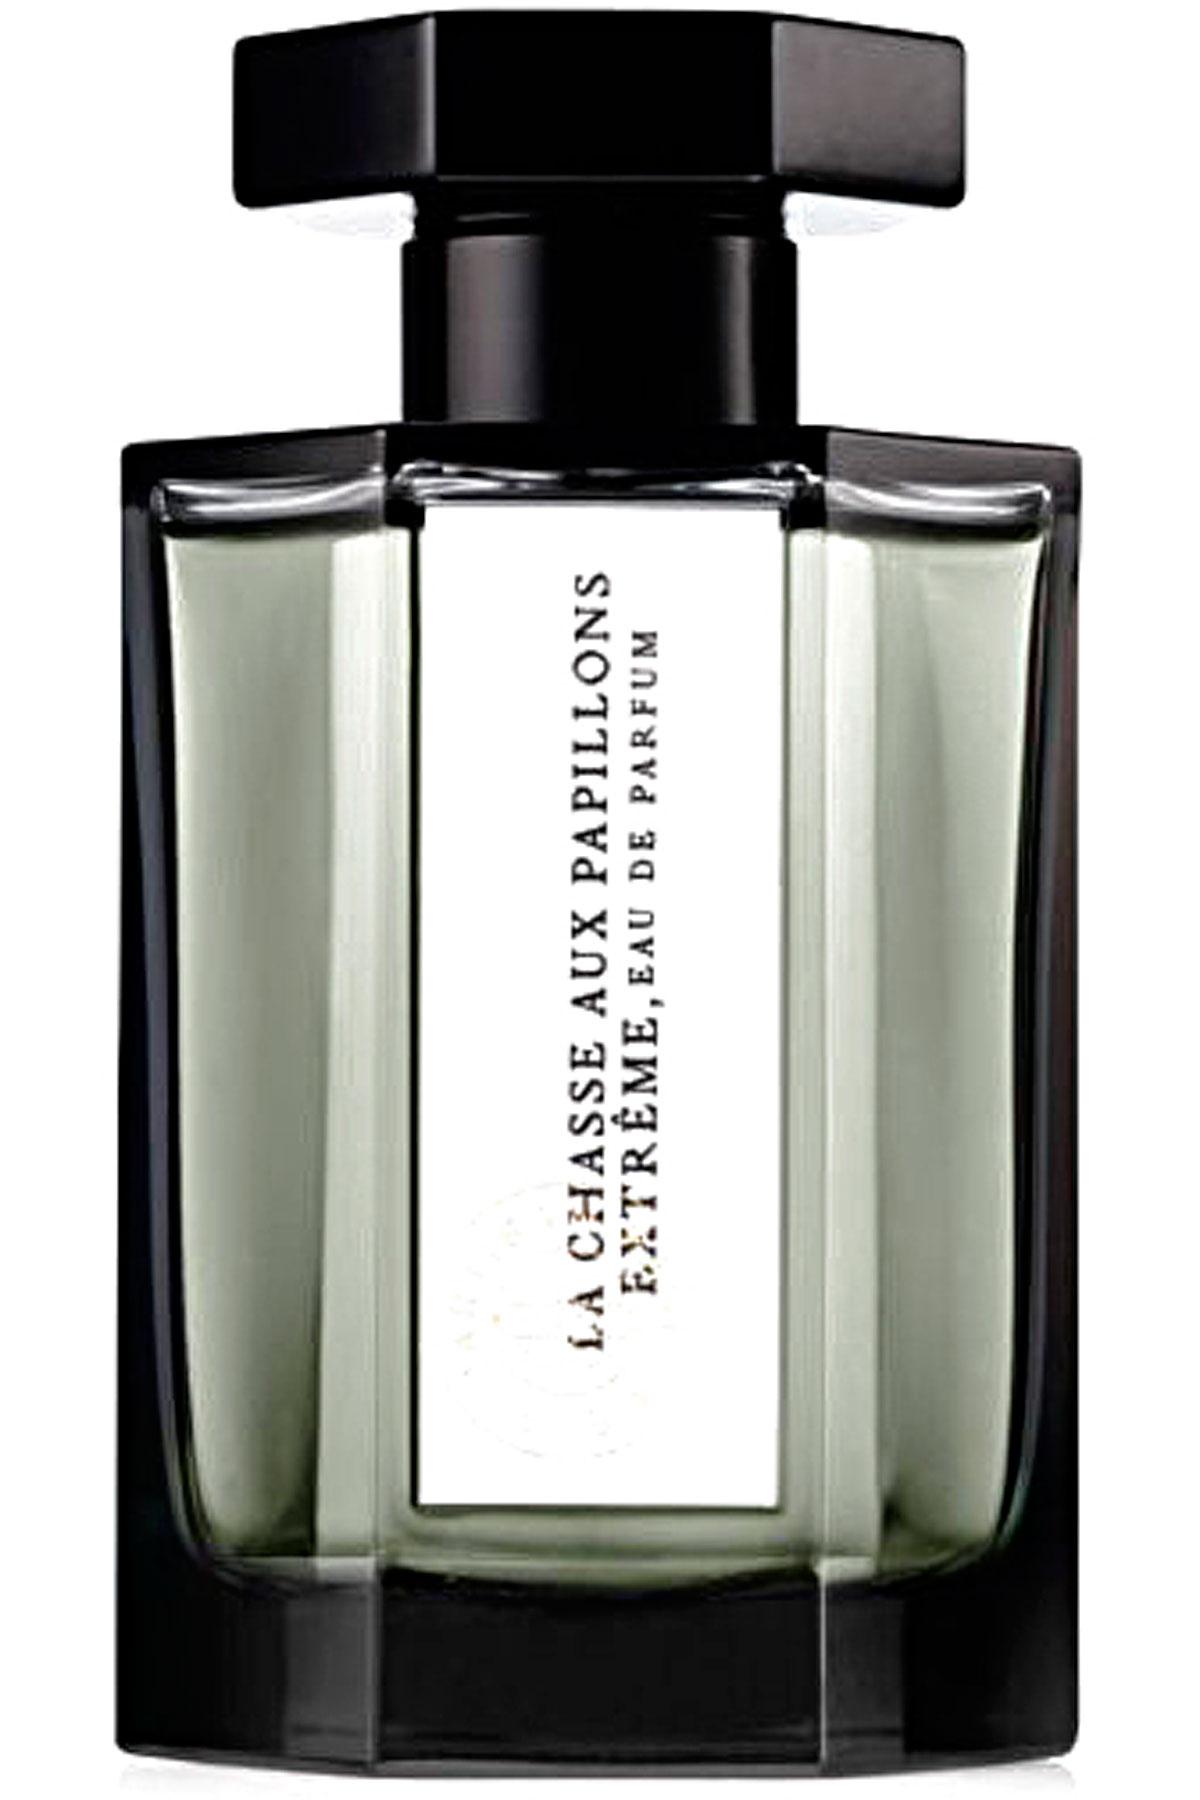 Artisan Parfumeur Fragrances for Men, La Chasse Aux Papillons Extreme - Eau De Parfum - 100 Ml, 2019, 100 ml